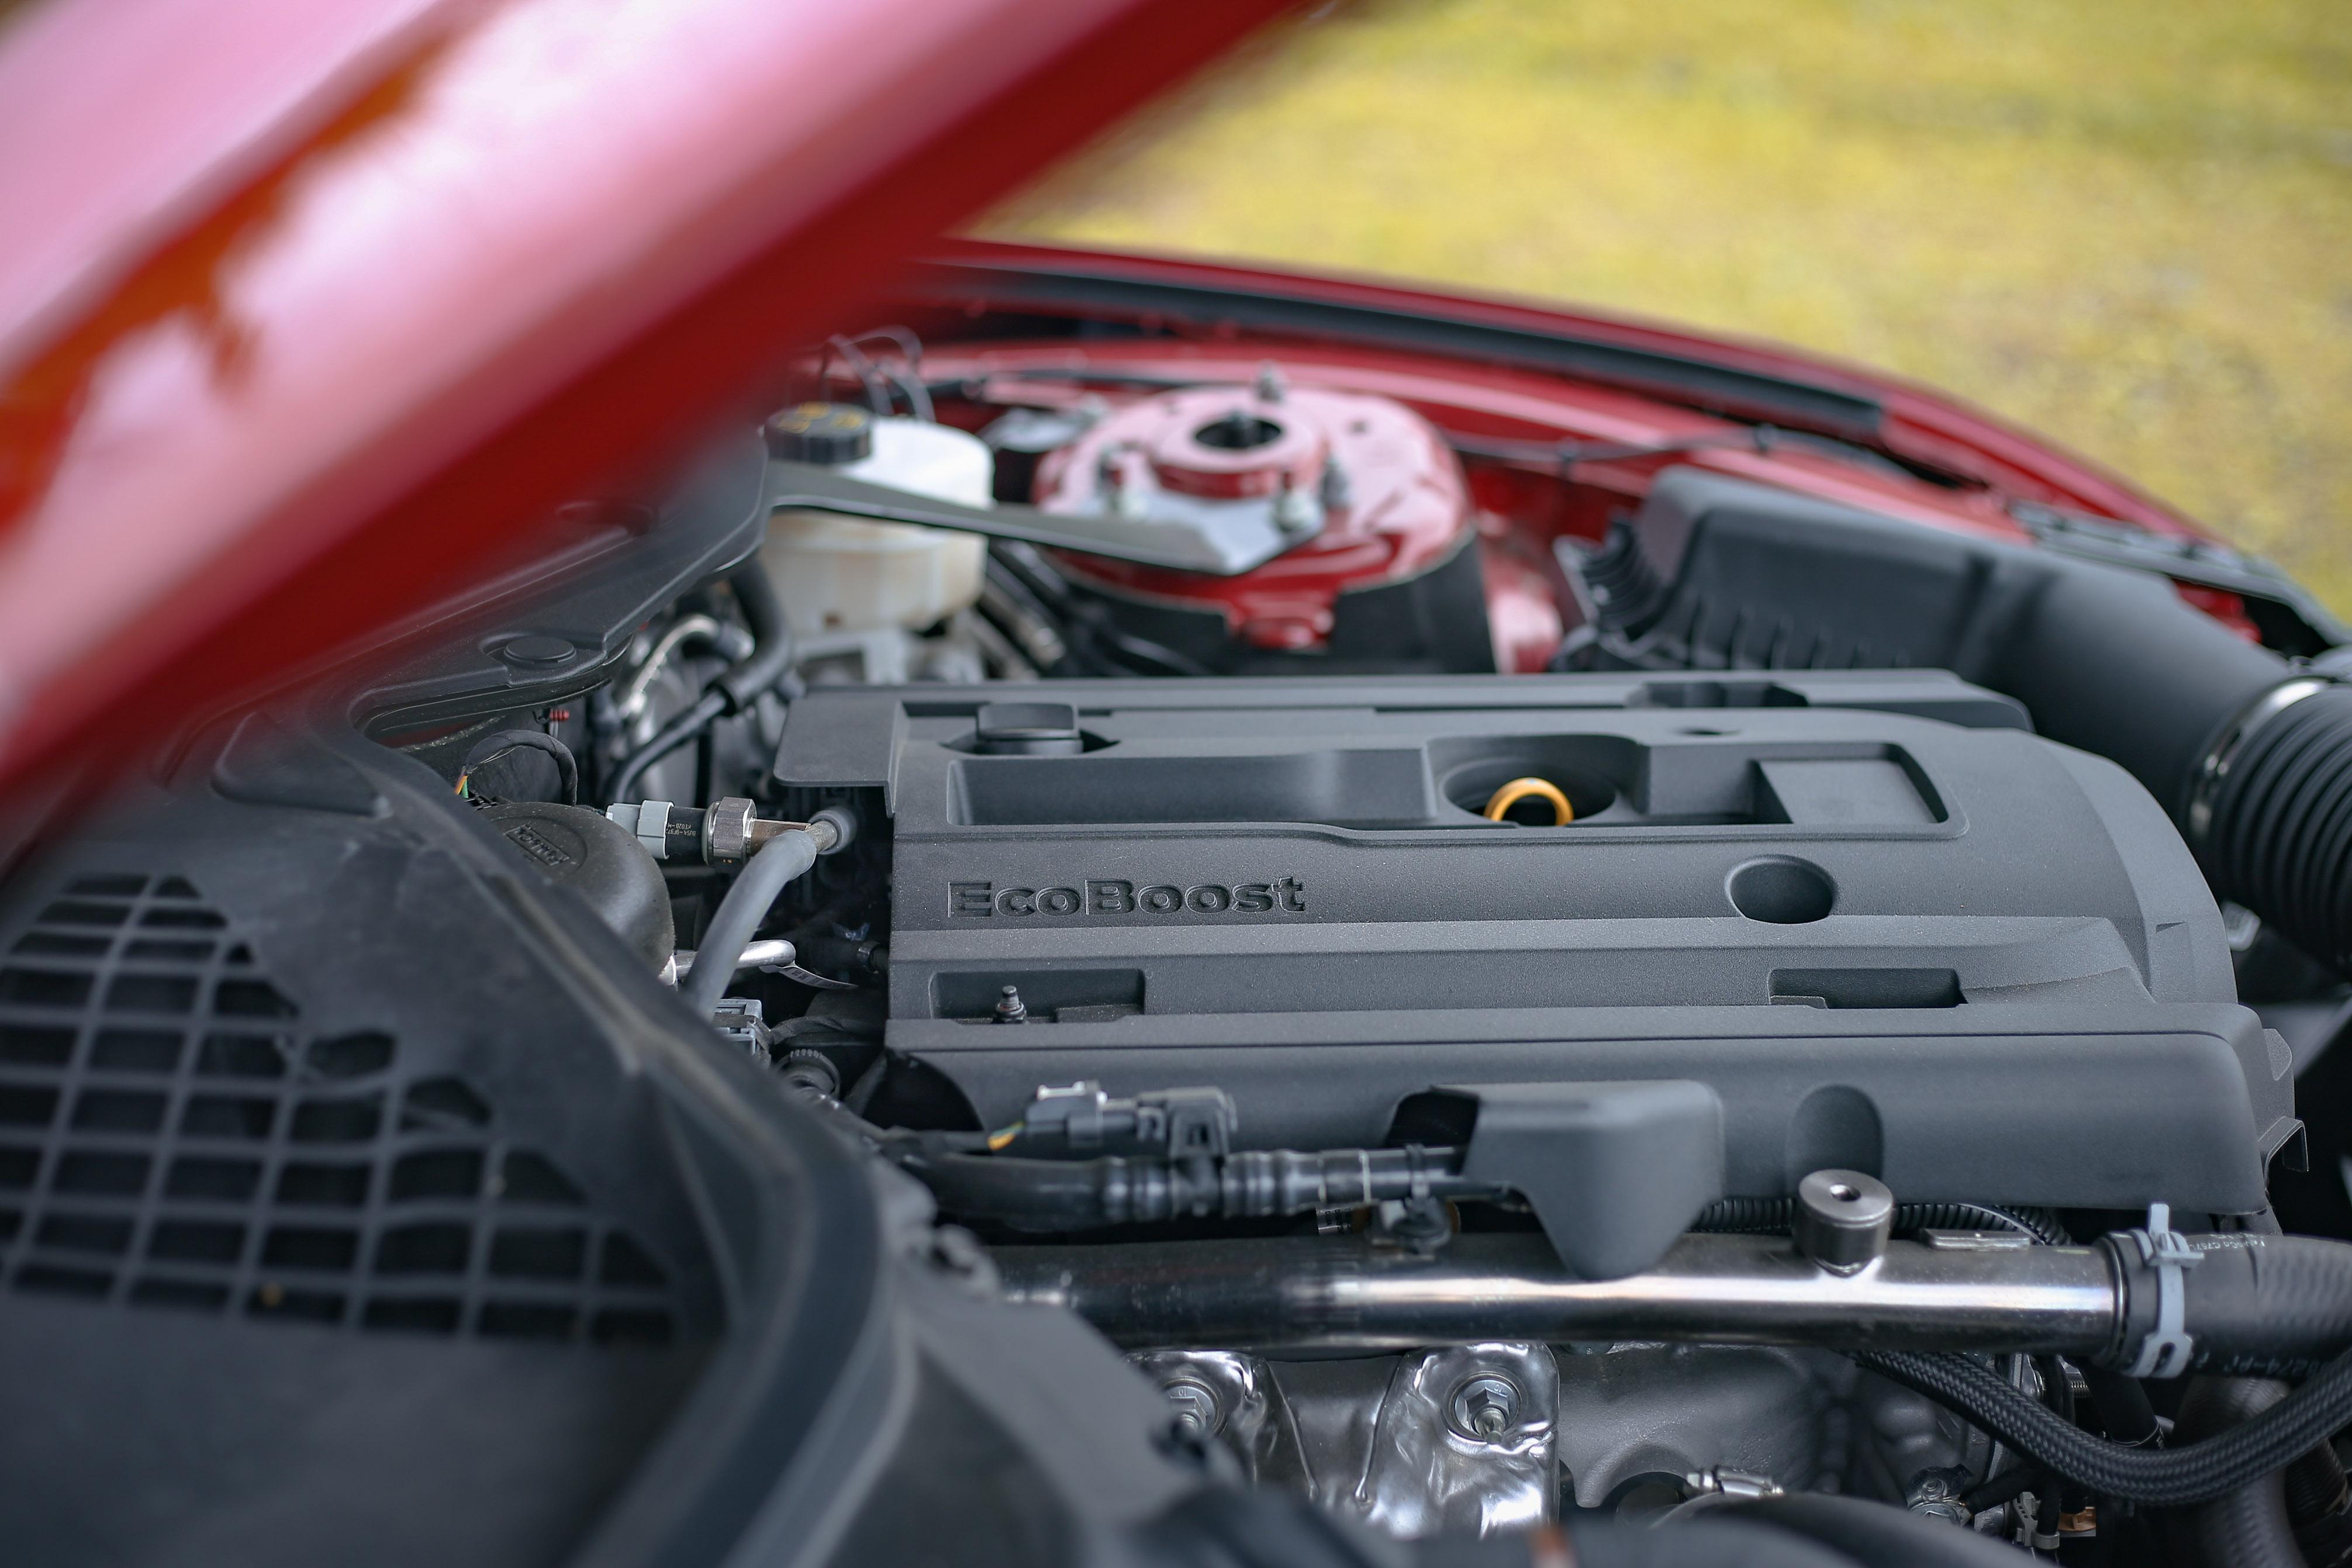 此具 2.3 升 EcoBoost 直四雙渦流渦輪增壓引擎輸出 290 hp/5,400 rpm、45.0 hp/3,000 rpm。